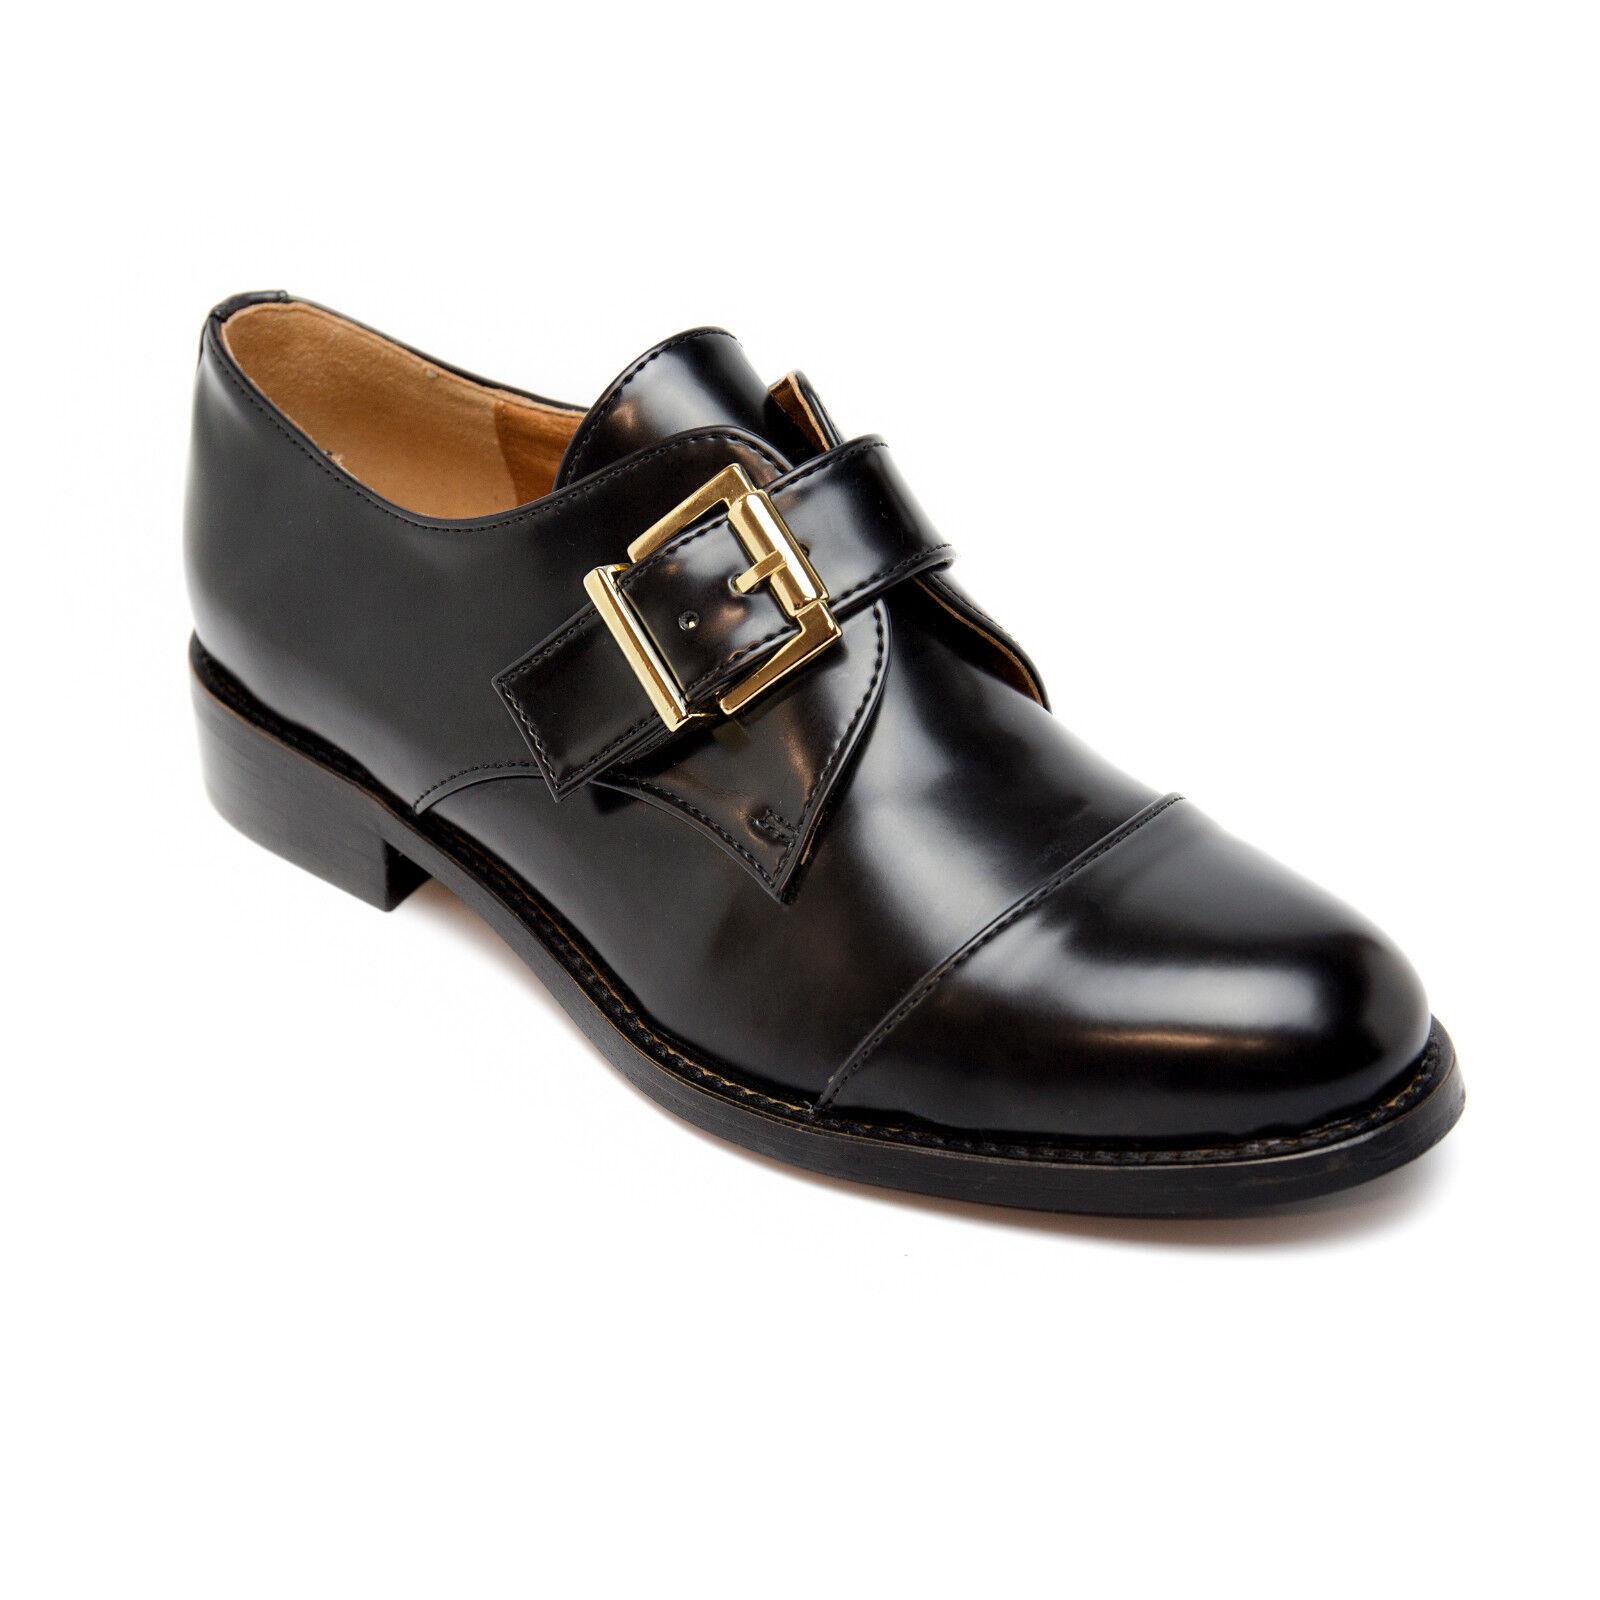 Vegane, schwarze Mönch- Strap Schuhe mit einem verstellbaren Riemen und Schnalle